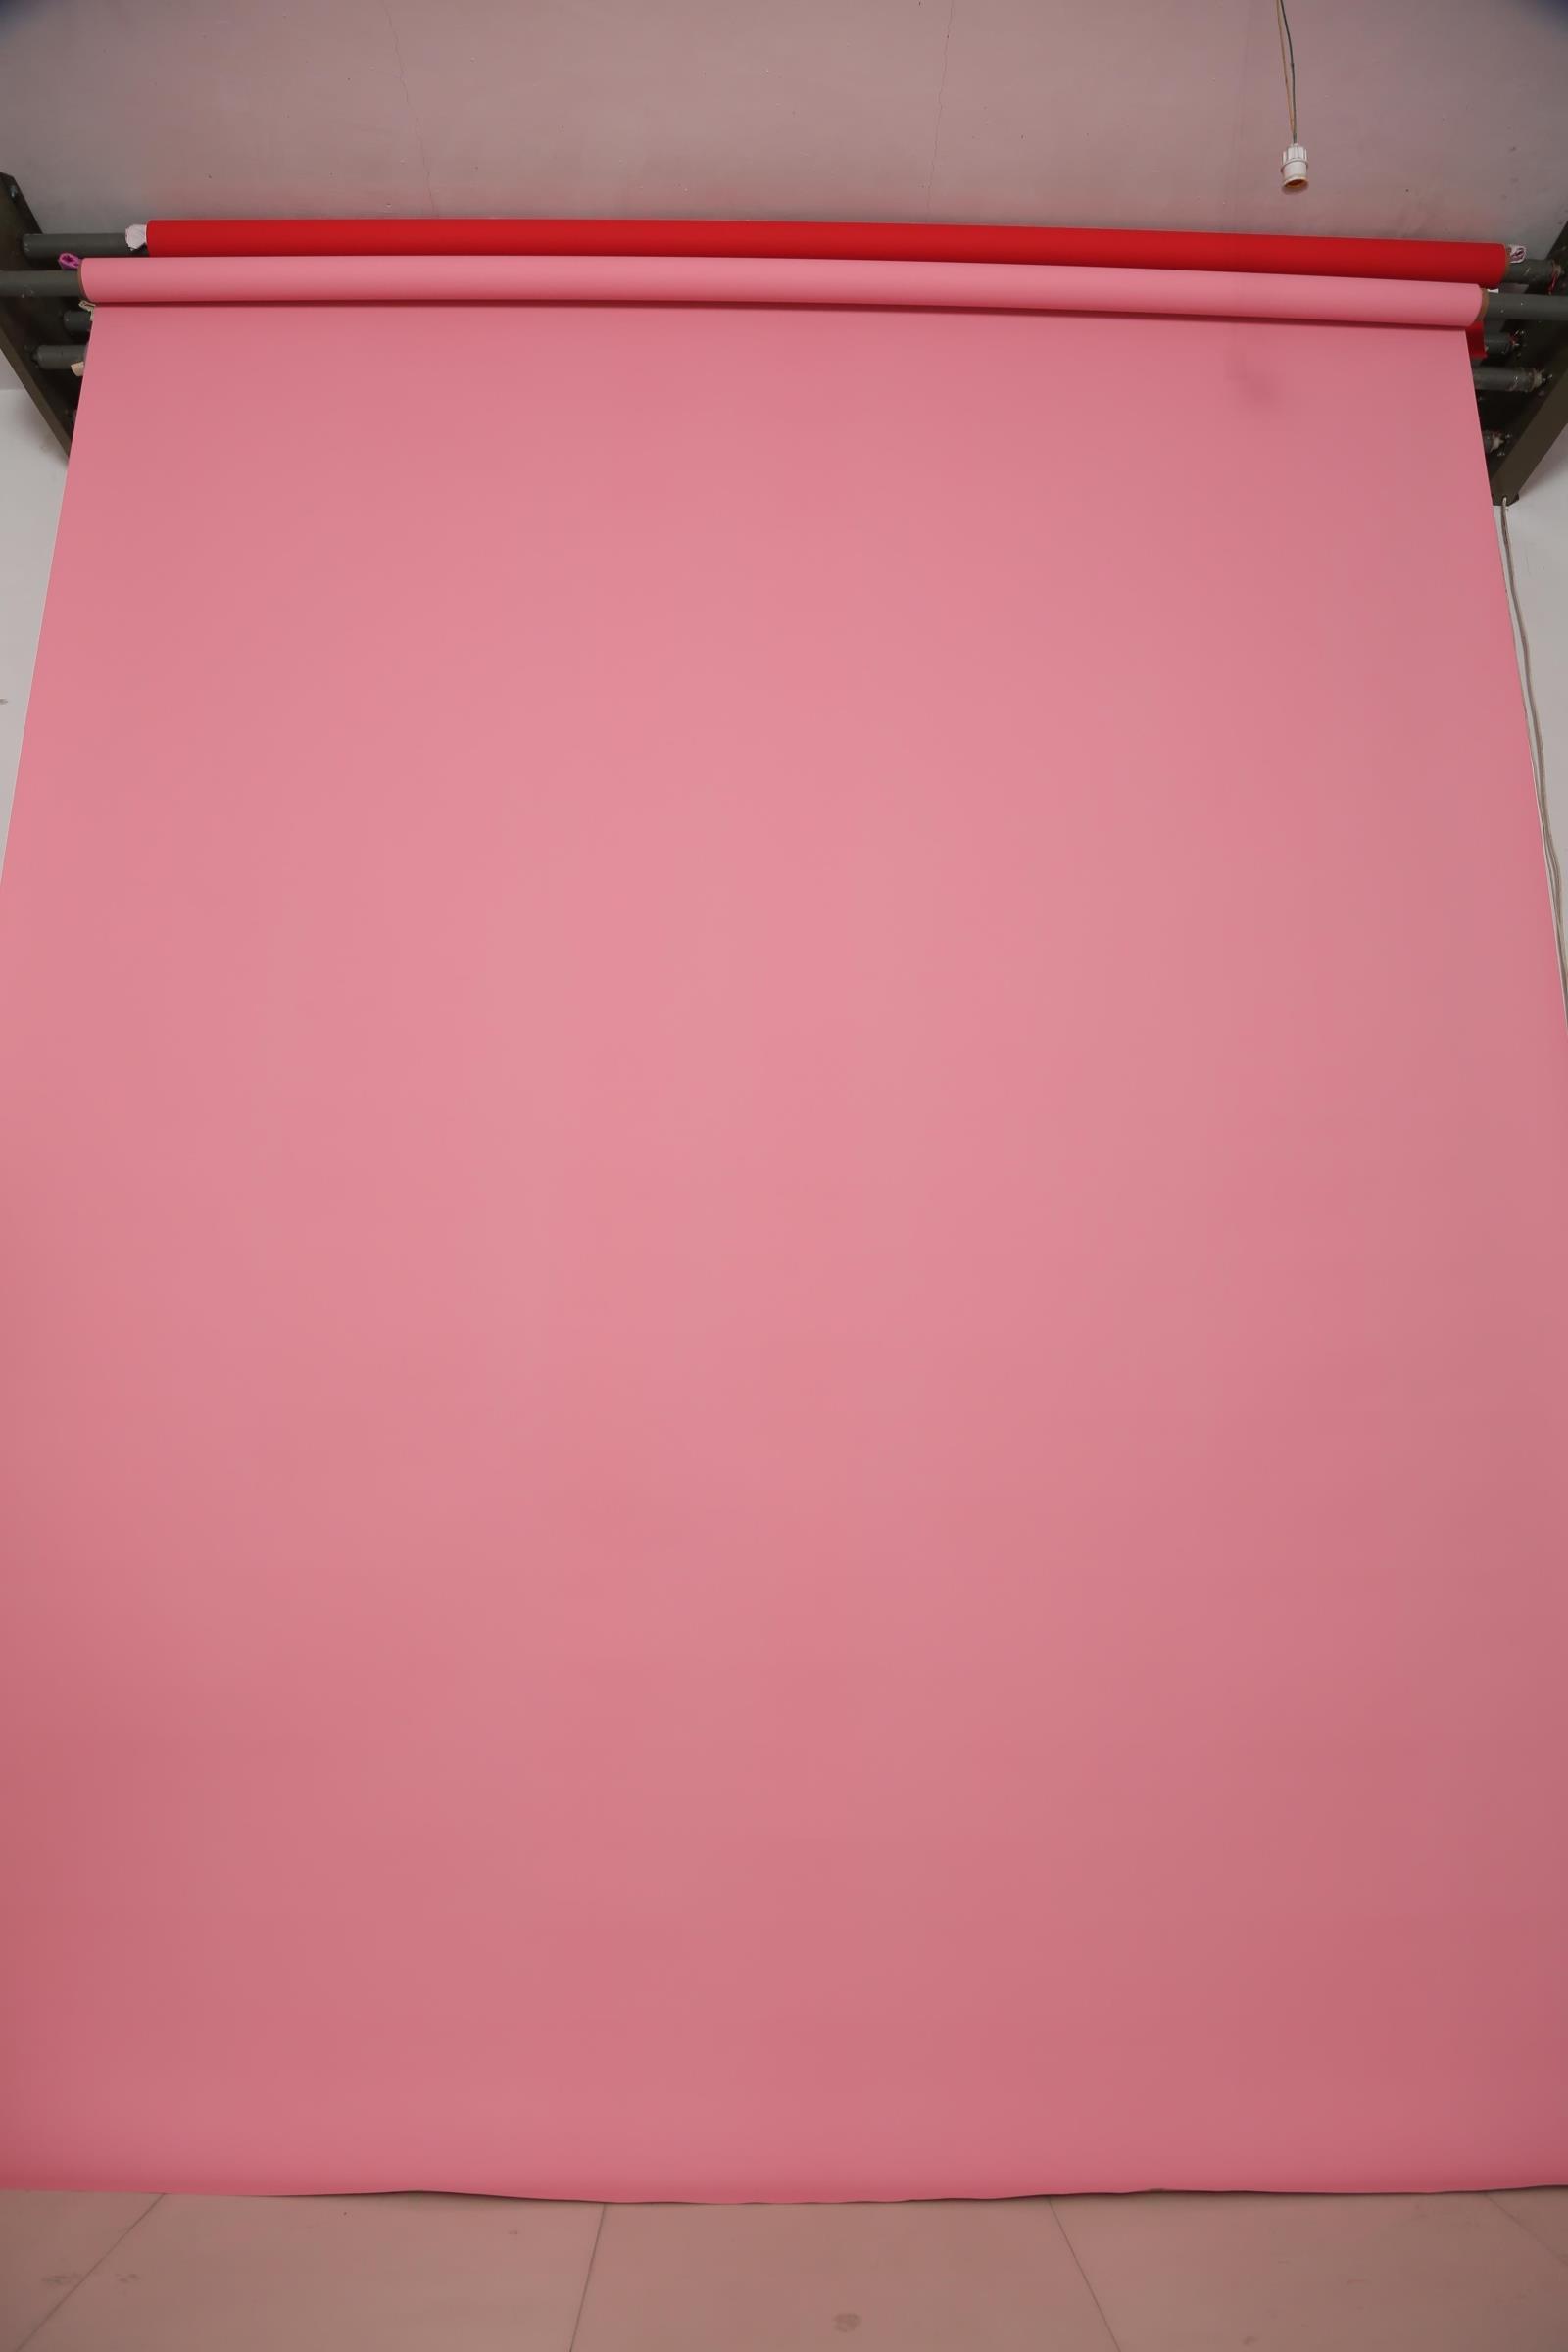 单色背景纸 纯色背景纸 影楼背景 超进口仙丽  摄影背景纸2.72X10